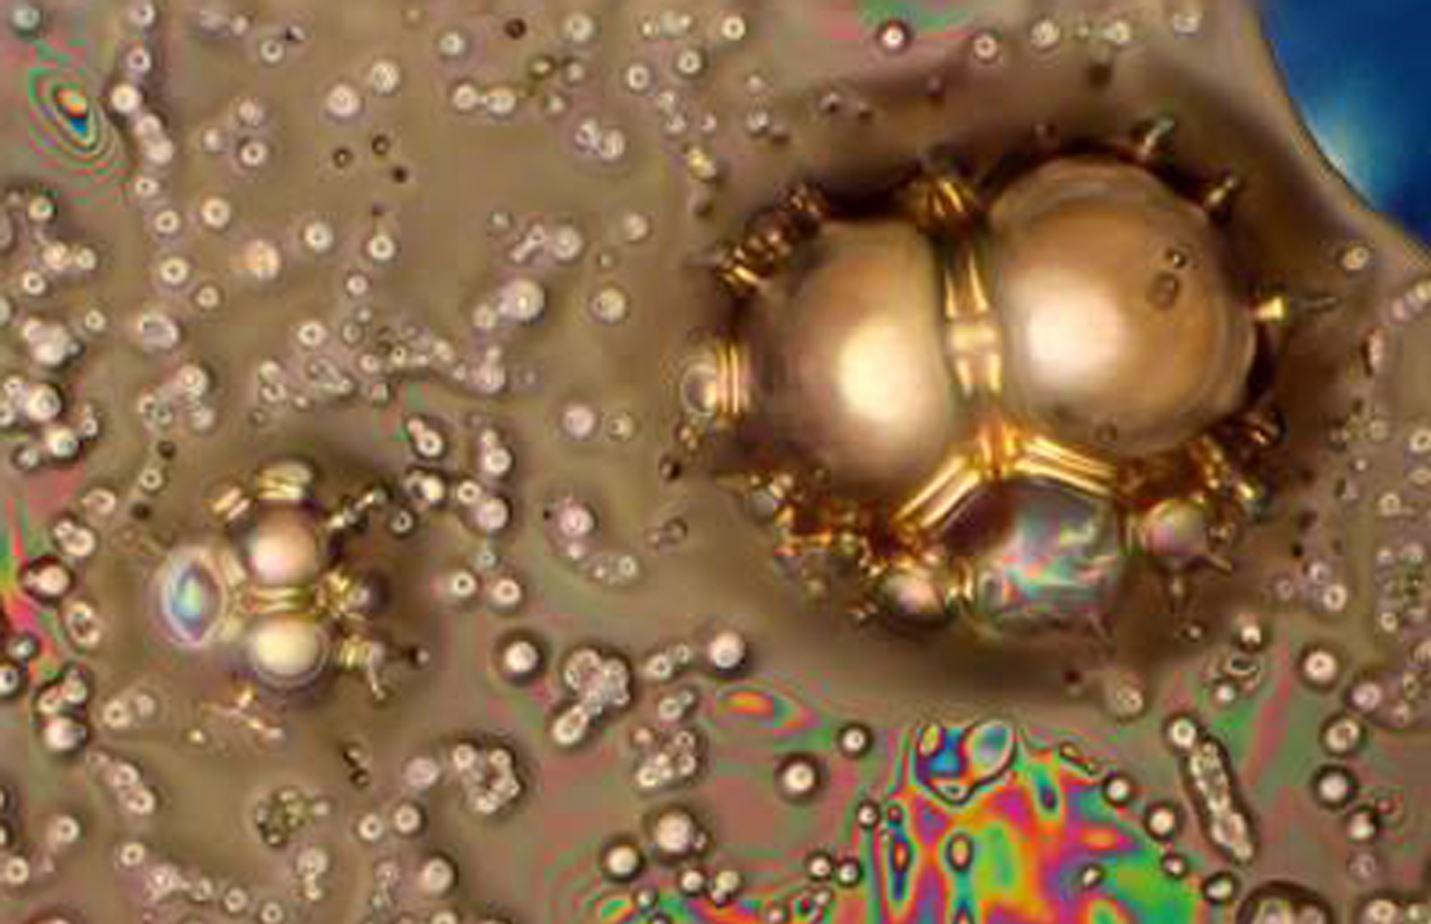 """Teadus on ilus. Foto """"EMImBF4 ioonse vedeliku lagunemine kõrge pinge all"""" saavutas 2015. aasta Eesti teadusfoto konkursil mikroskoobipiltide kategoorias esikoha. Samas selle teadusteema personaalsele uurimistaotlusele """"Kõrge pingega grafeeni-baasil elektrokeemilised kondensaatorid"""" ei jätkunud rahastust. Foto: Tavo Romann"""